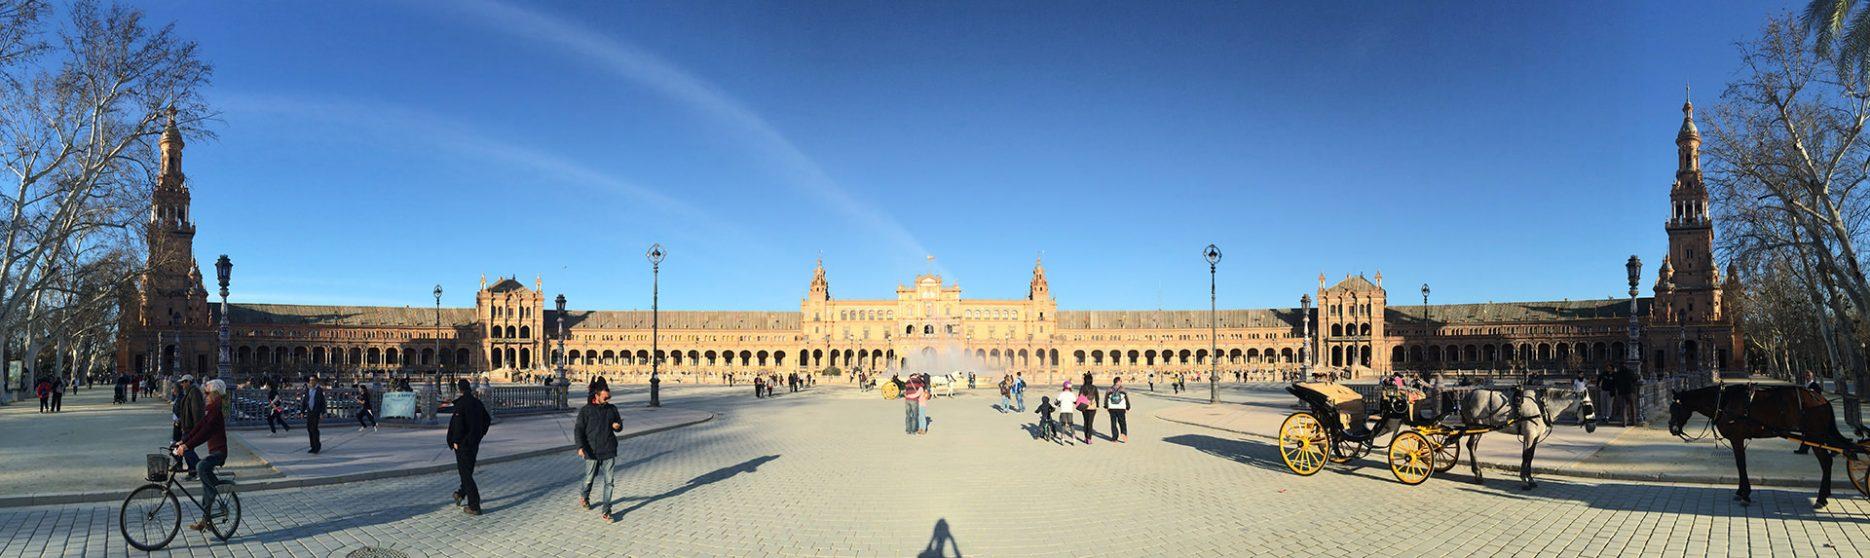 Plaza de España - Sevilla - Feb 2015